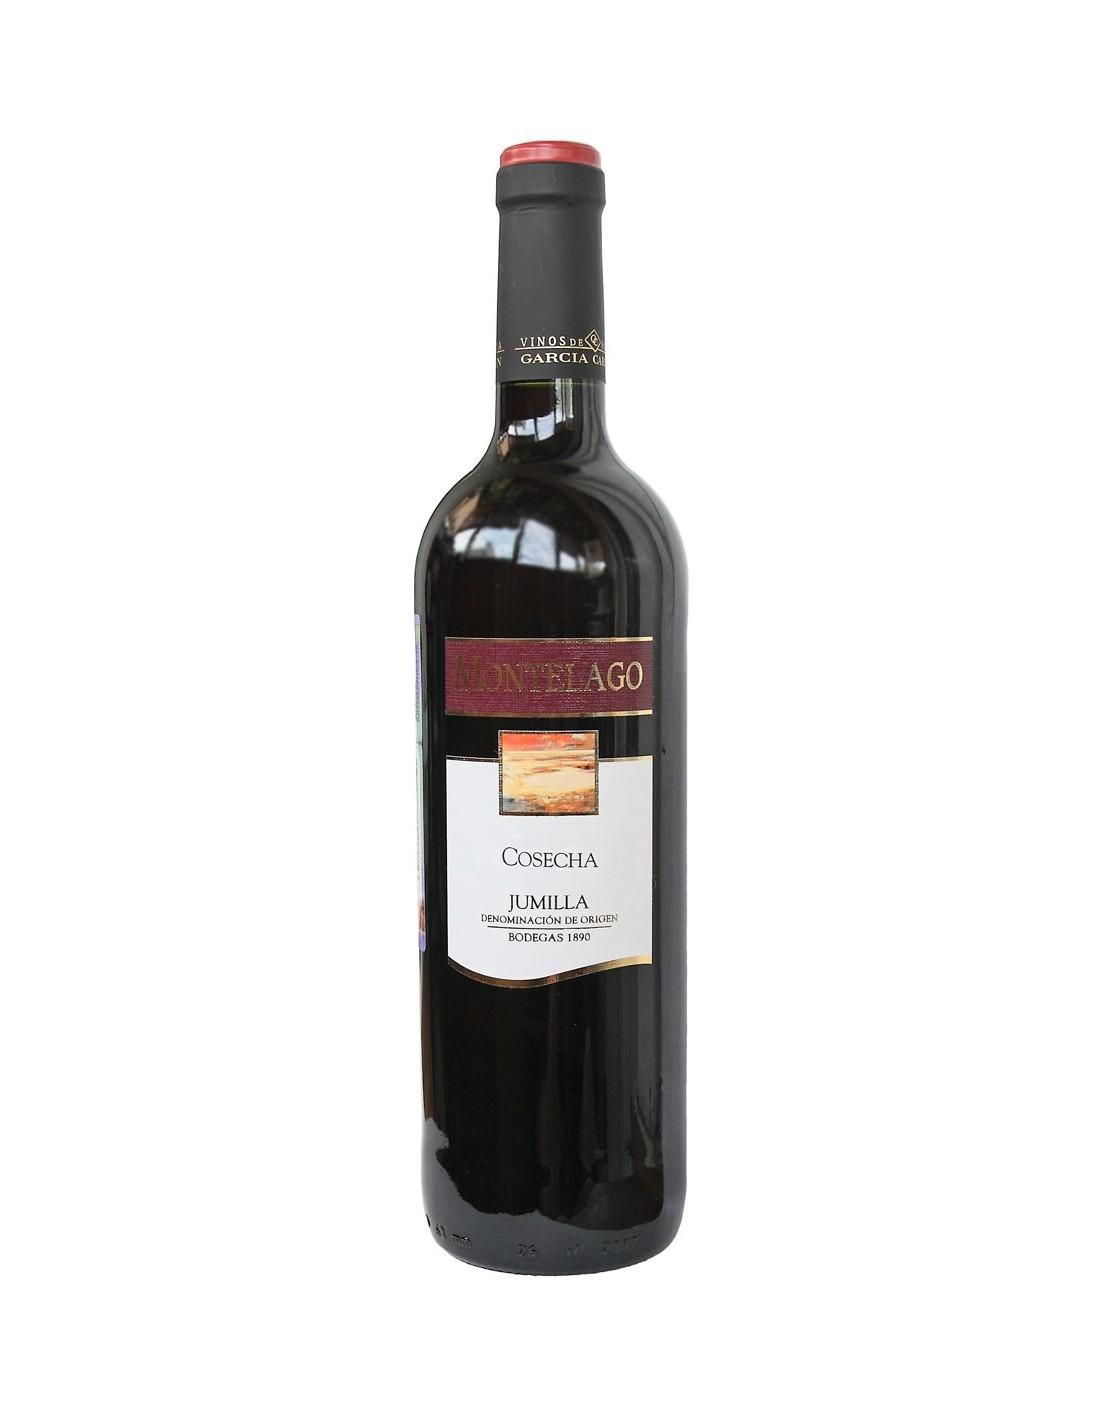 Vin rosu sec, Montelago Cosecha Tinto Jumilla, 1890, 0.75L, 12.5% alc., Spania